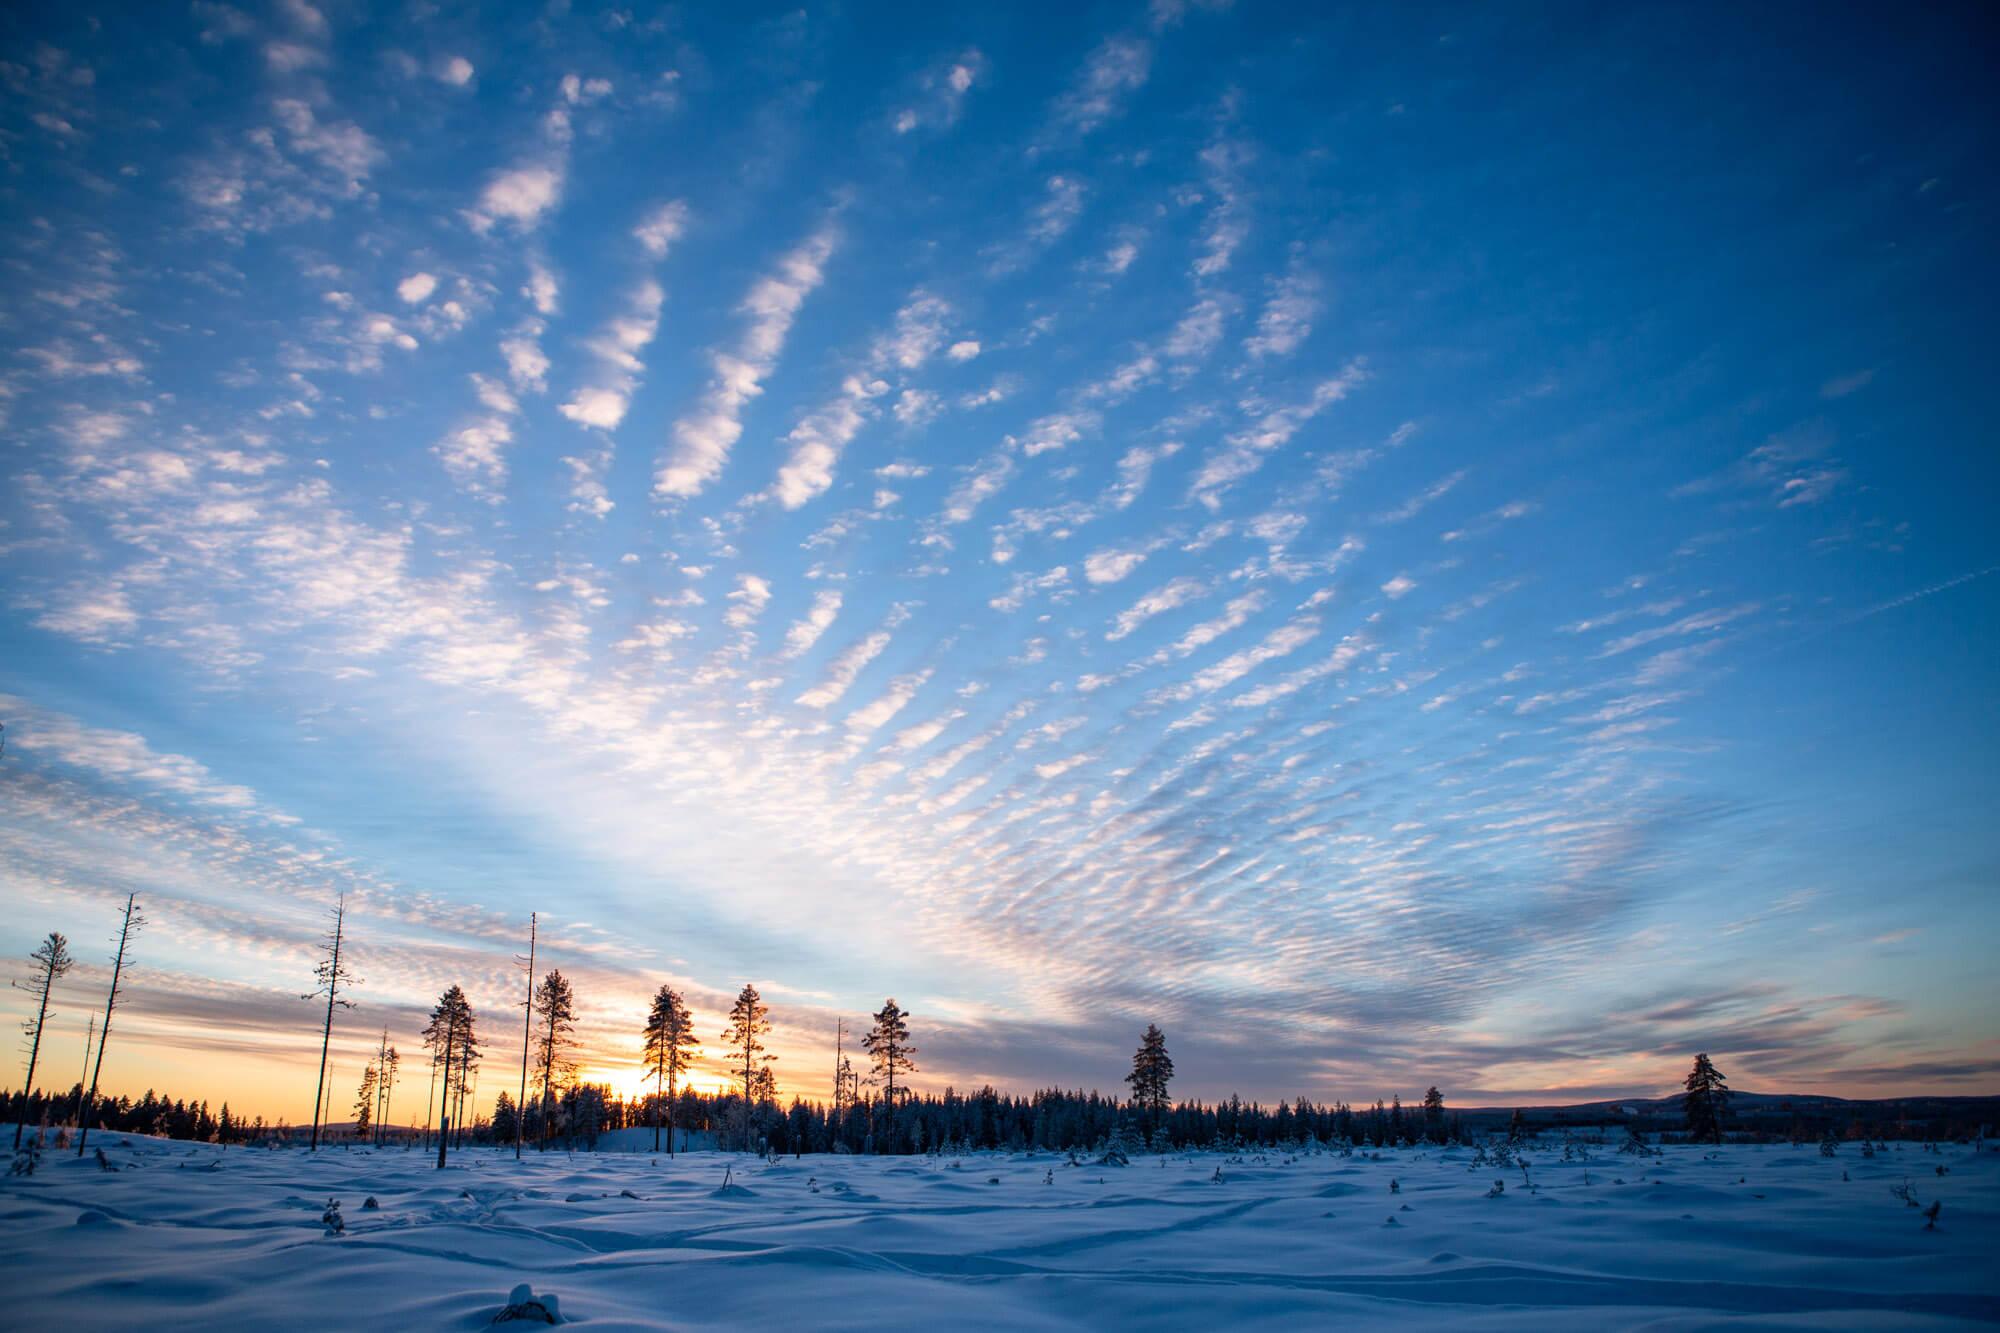 Paysage d'hiver en Laponie suédoise